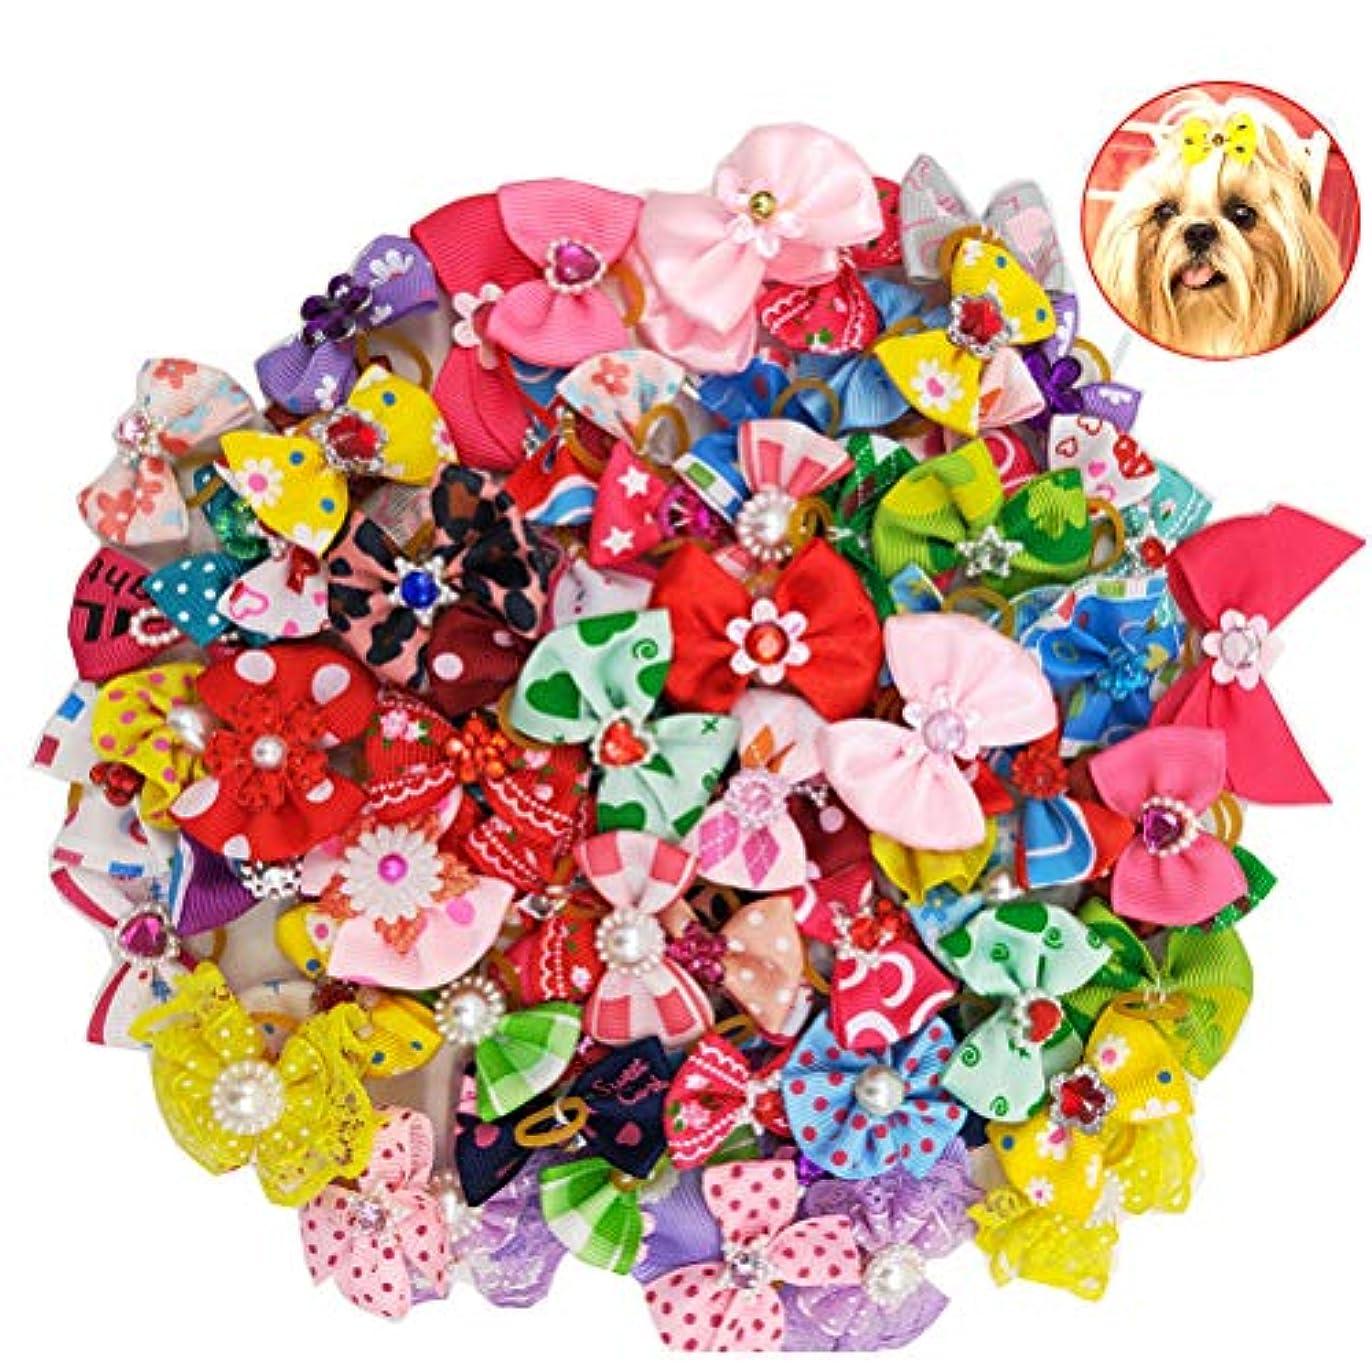 リズムクライアントお尻Balacoo 50個入り多色犬の髪の弓とゴムバンド弾性髪のバンドちょう結び帽子の帽子猫の犬のための(混合色)